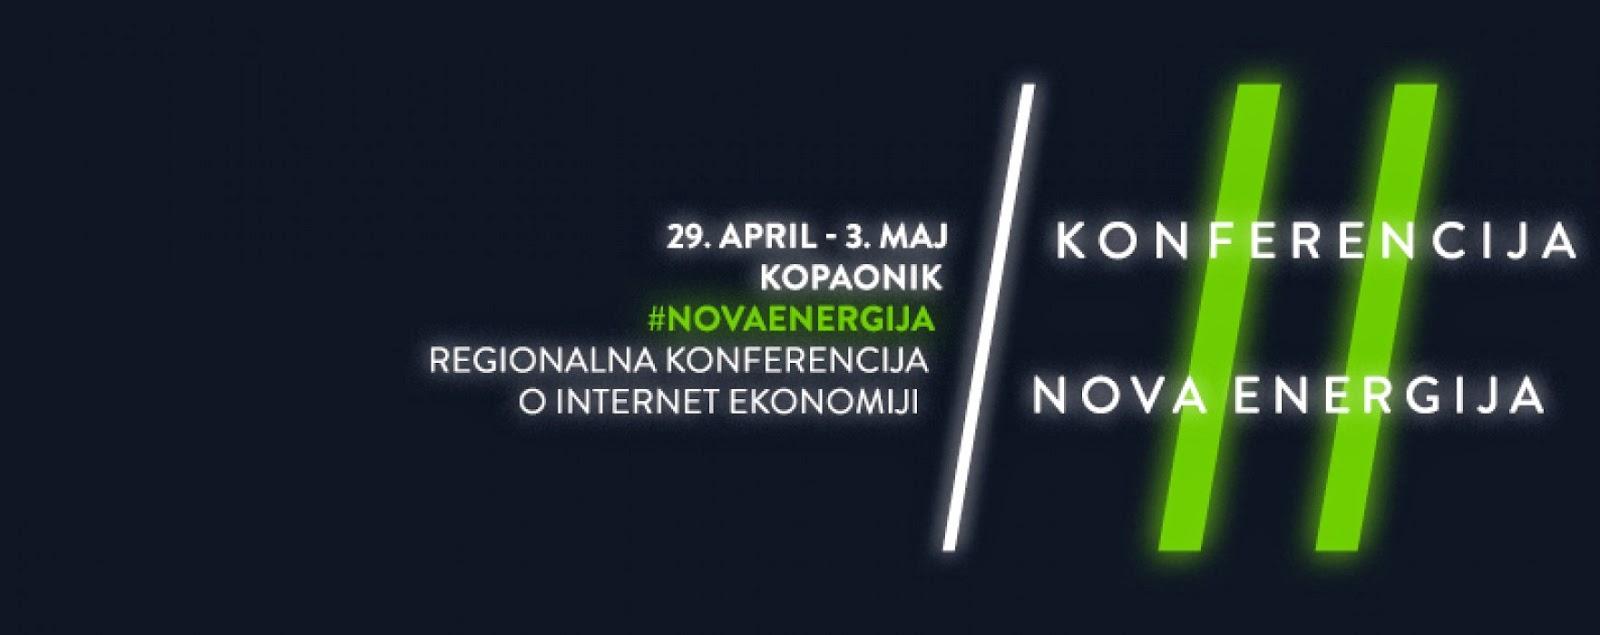 http://www.advertiser-serbia.com/digitalno-oglasavanje-u-analognoj-srbiji-gde-se-trenutno-nalazimo-i-kuda-to-idemo/